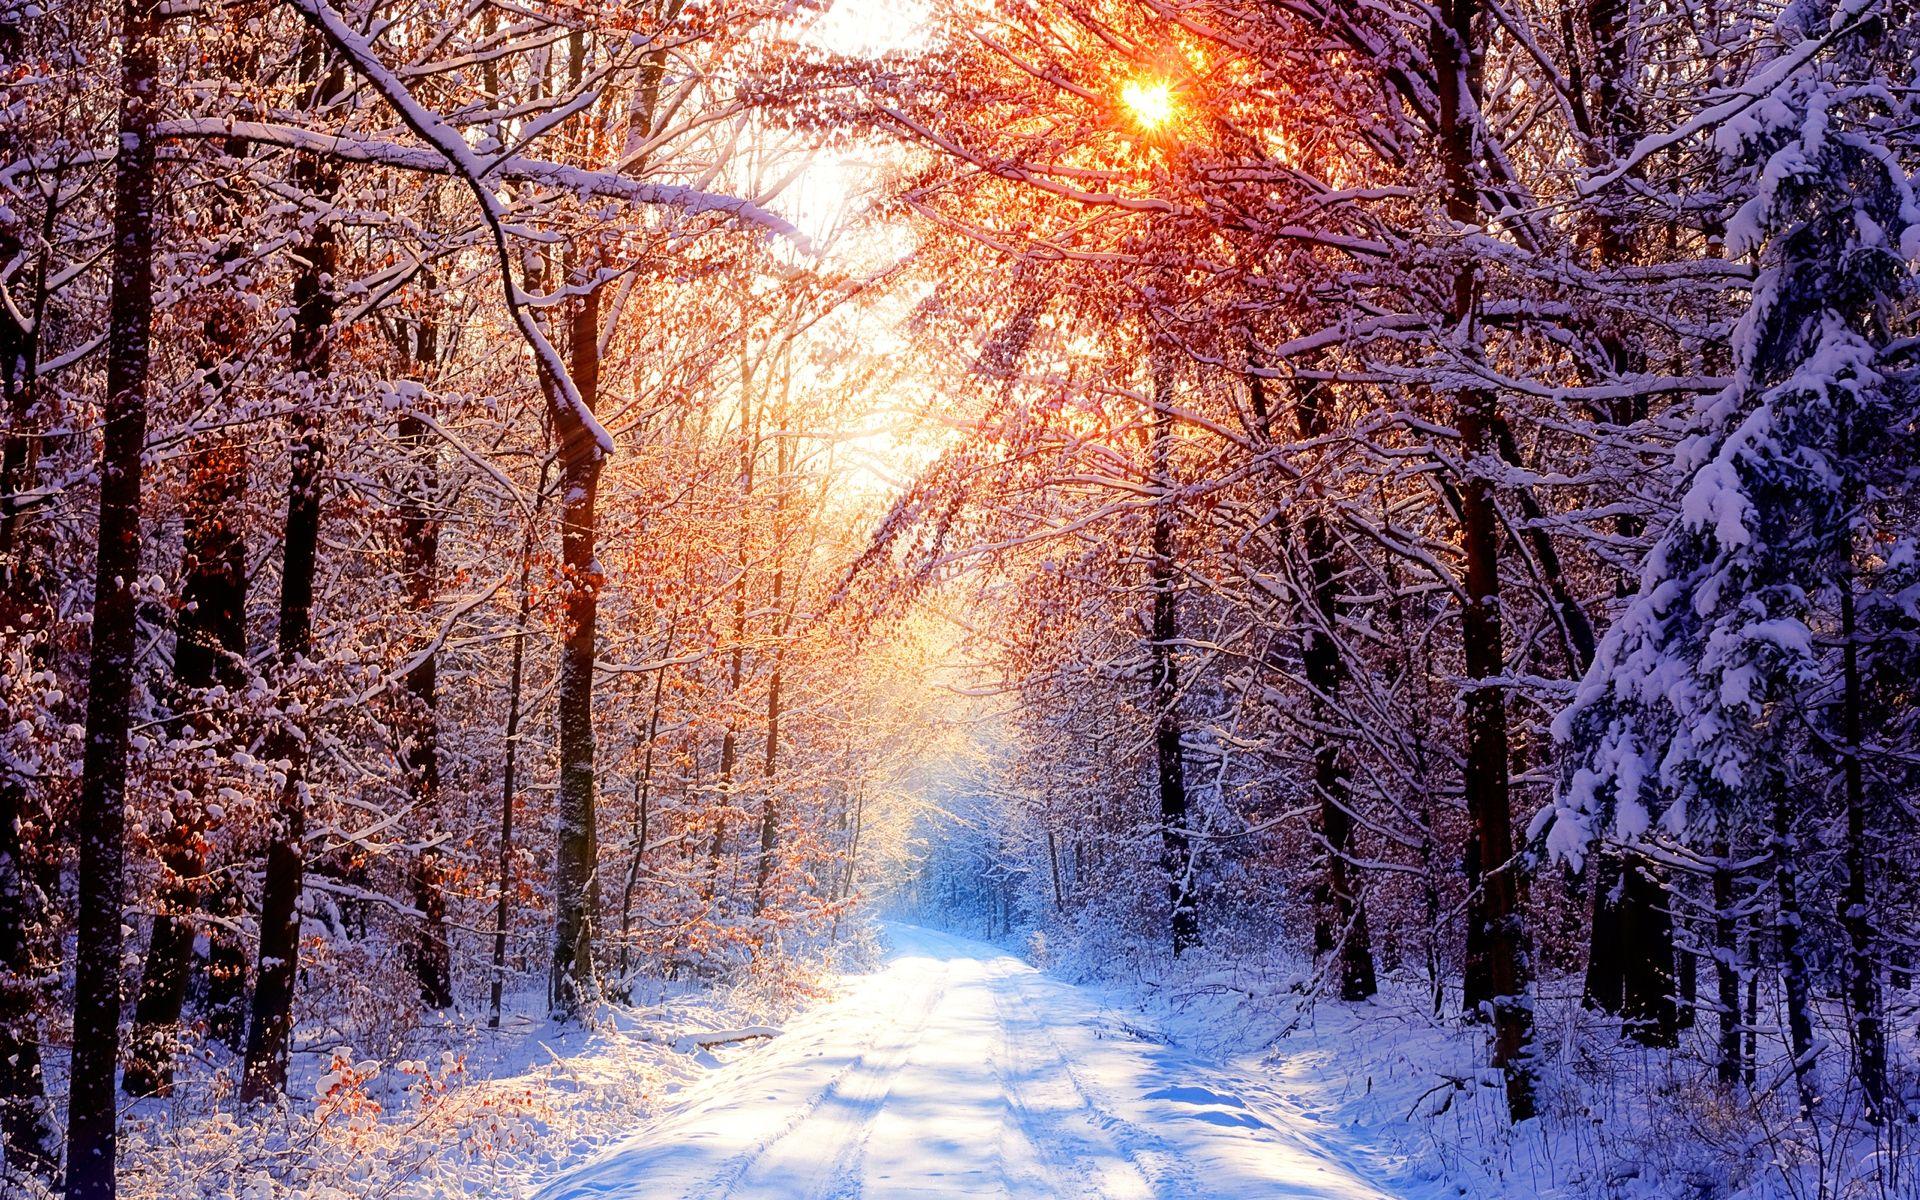 foto de Fond d écran hd : paysage neige Paysage de neige